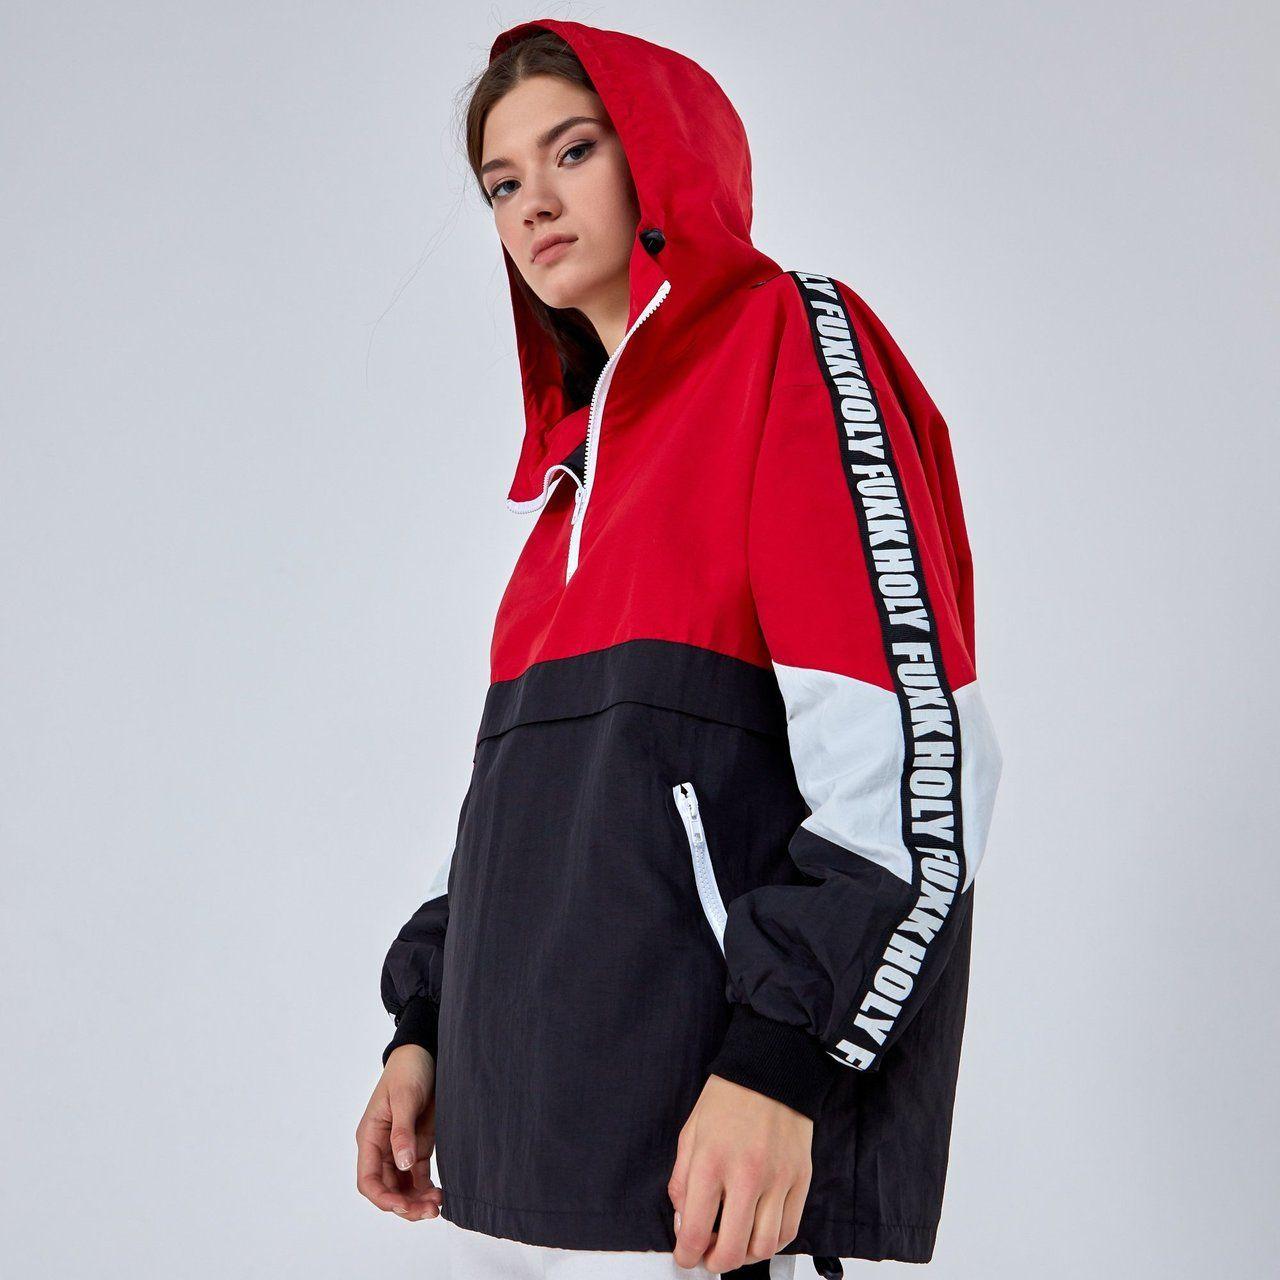 hiking jacket for men women Outwear Windproof WinD proof